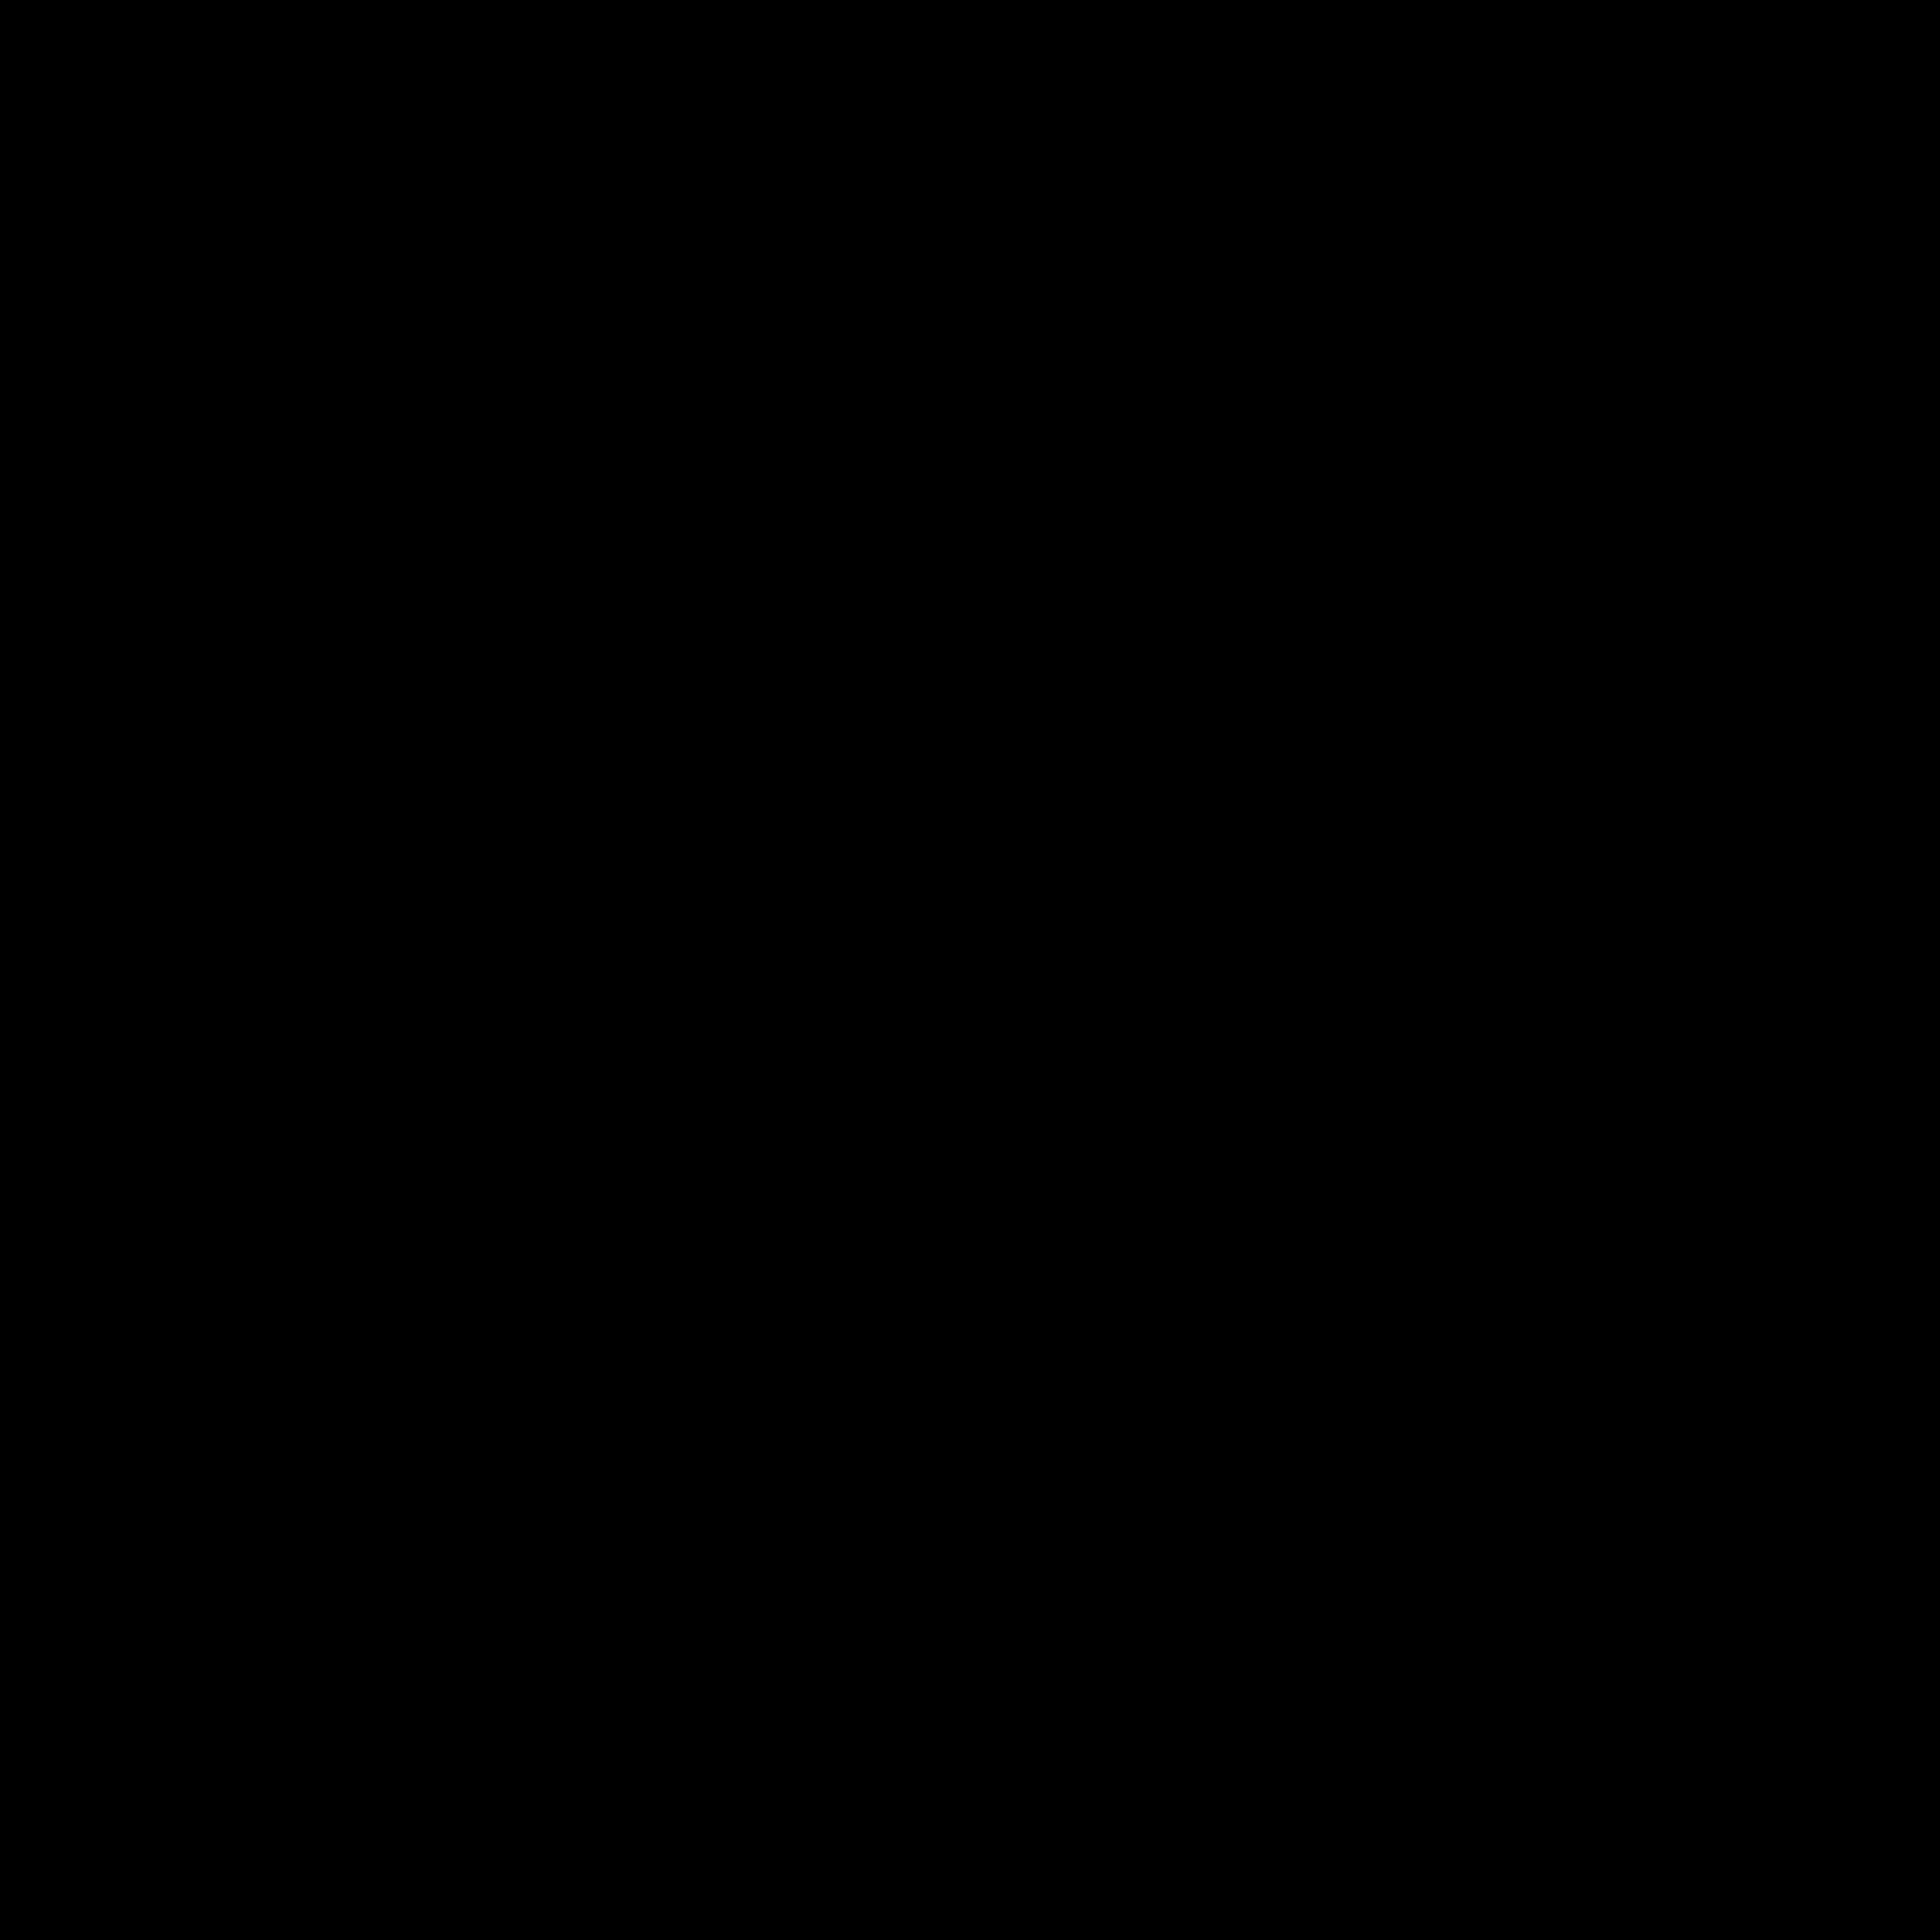 Clipart - Circular Maze